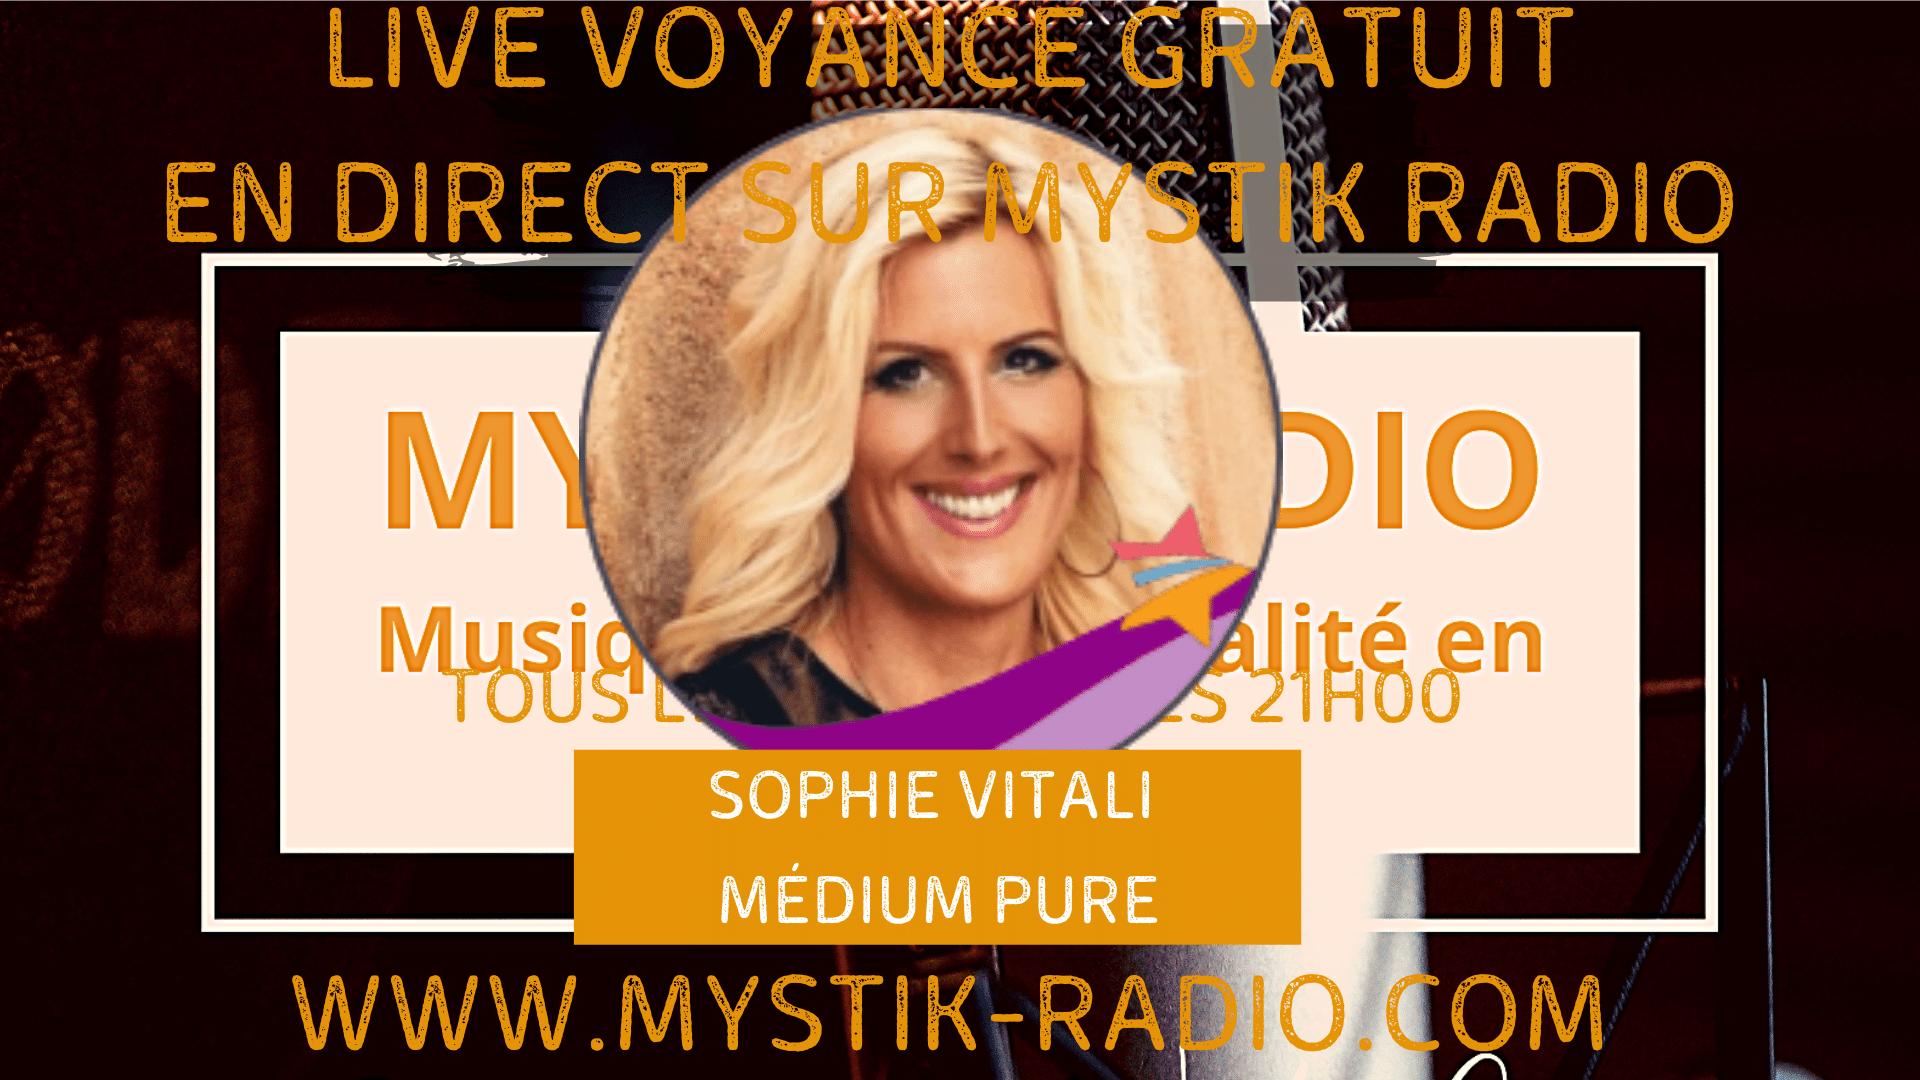 Sophie vitali en live voyance gratuite le mardi 01 décembre dès 21 H 00 sur Mystik Radio